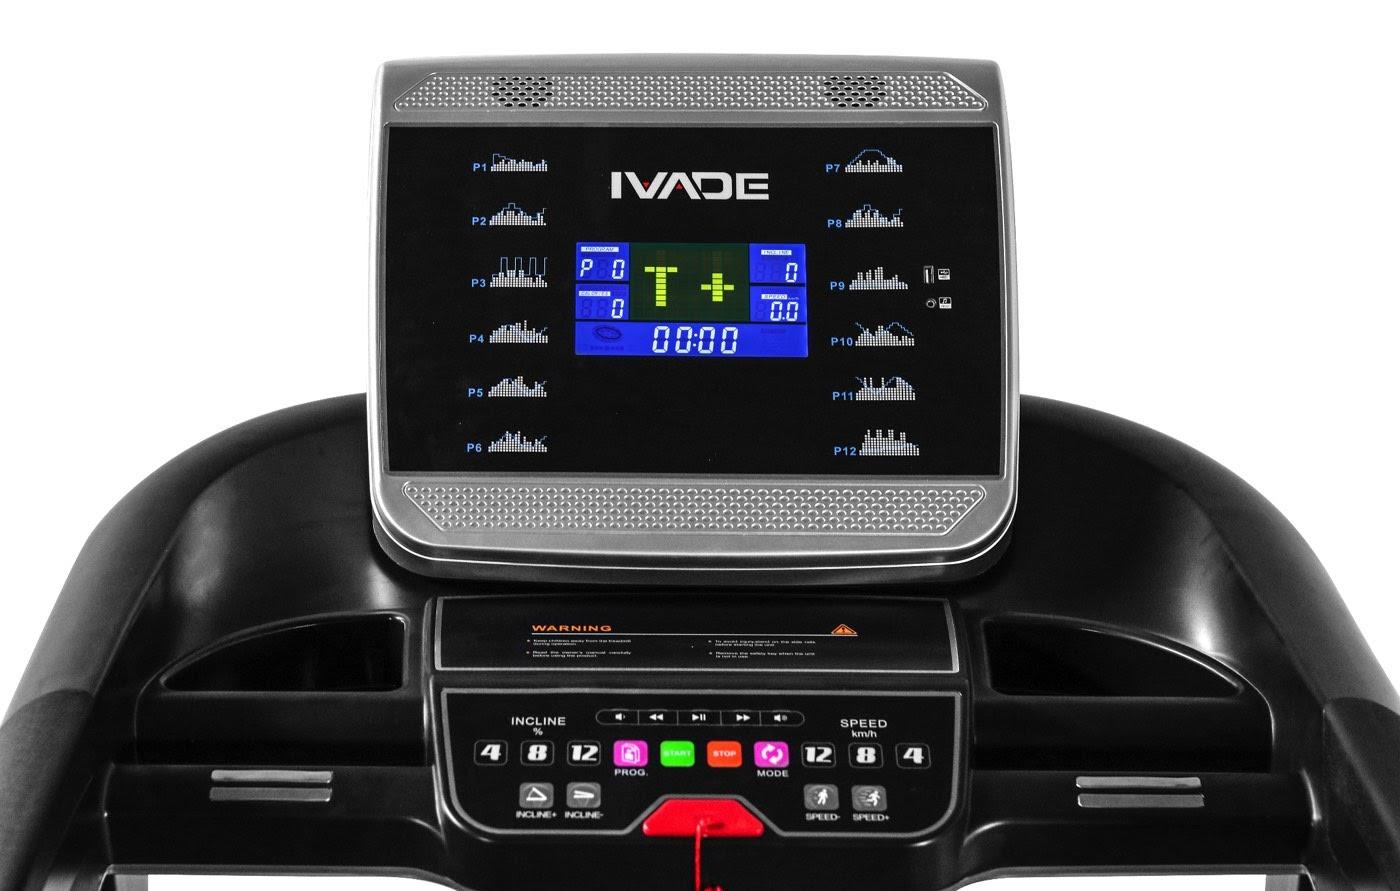 ลู่วิ่งไฟฟ้า IV50 - THE GYM CO.